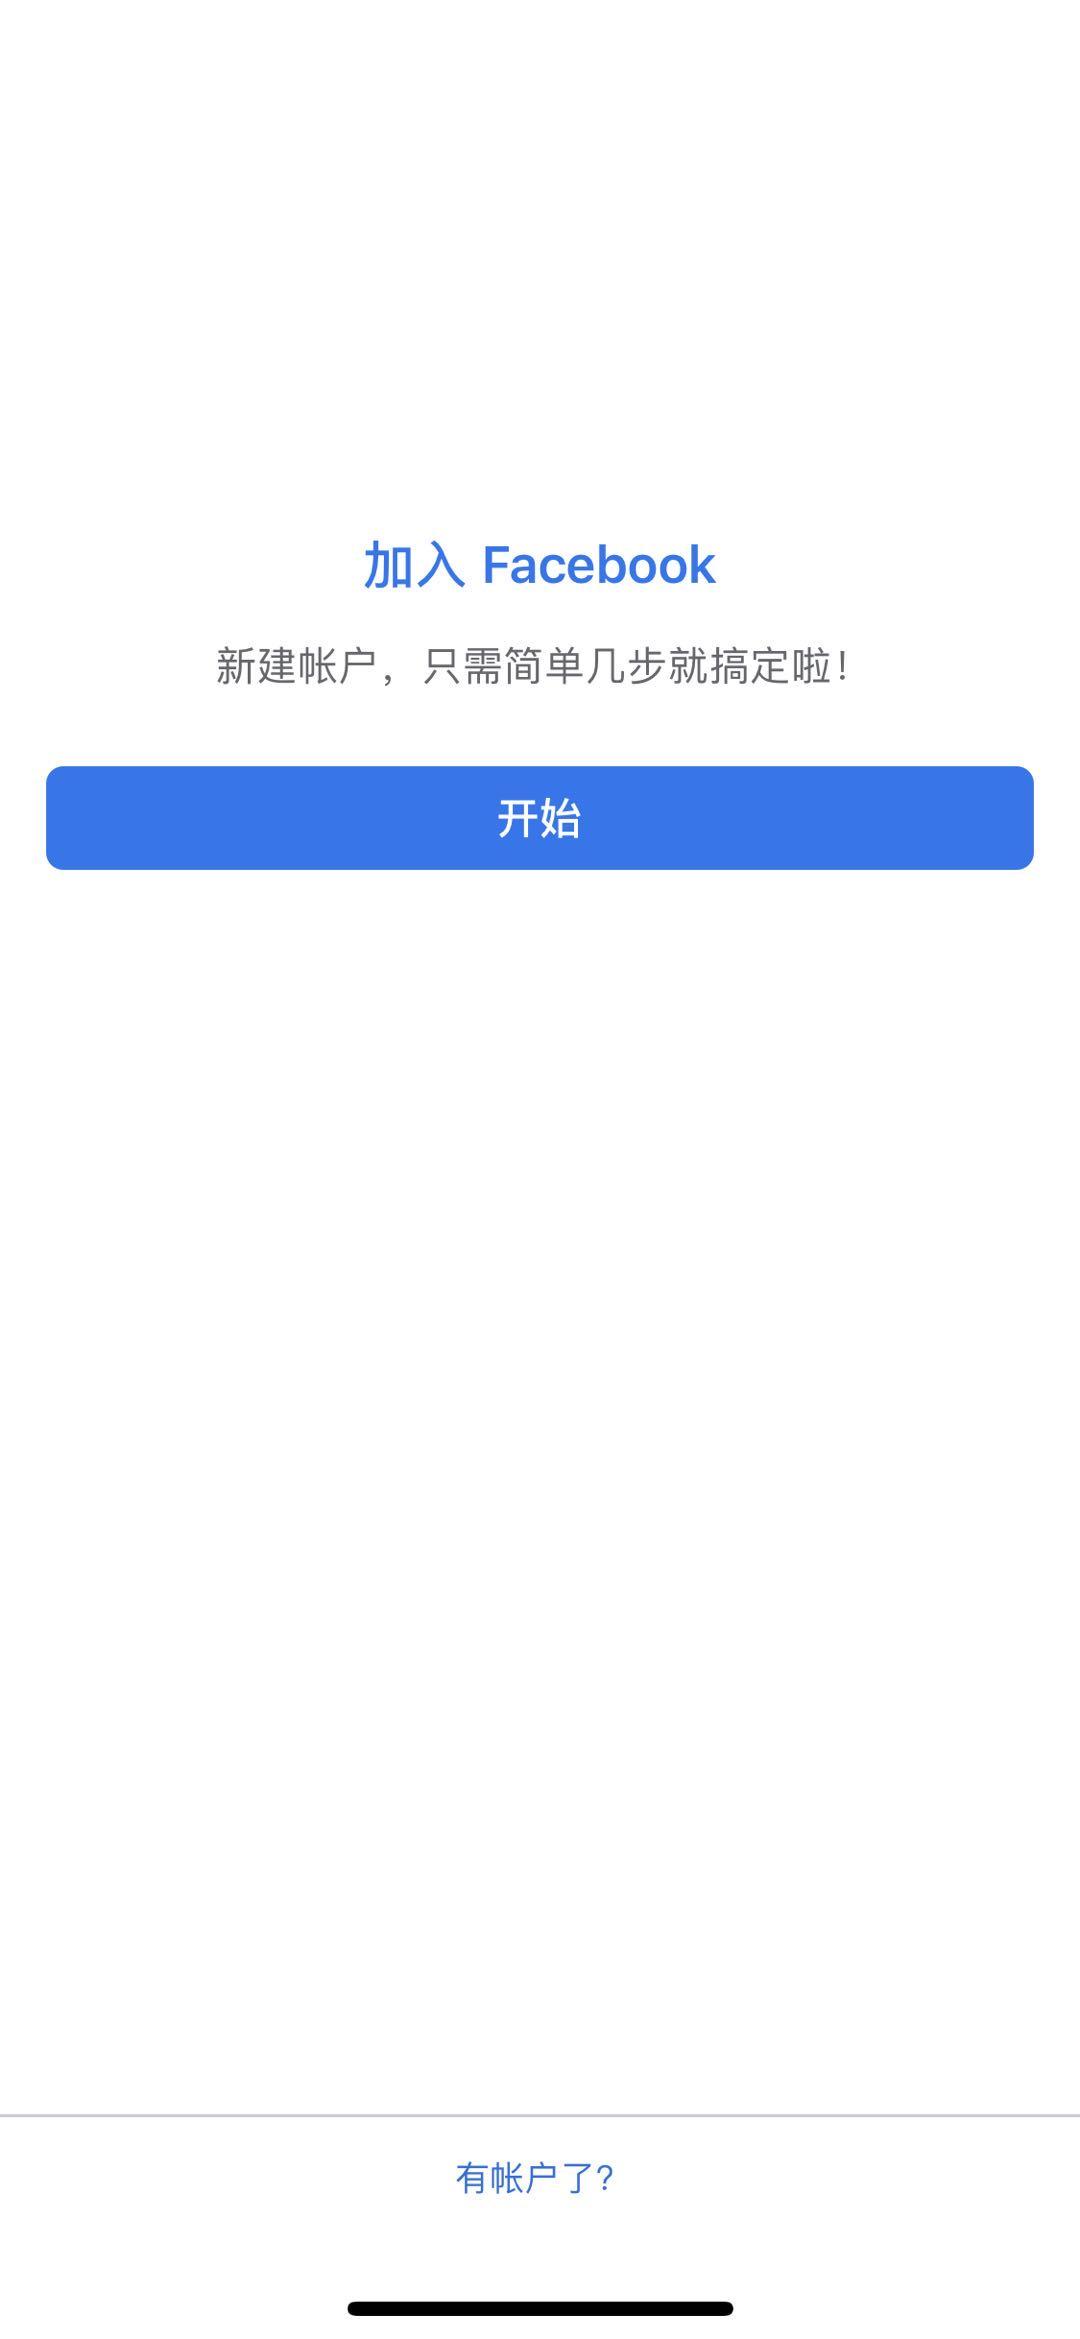 洛陽網絡公司